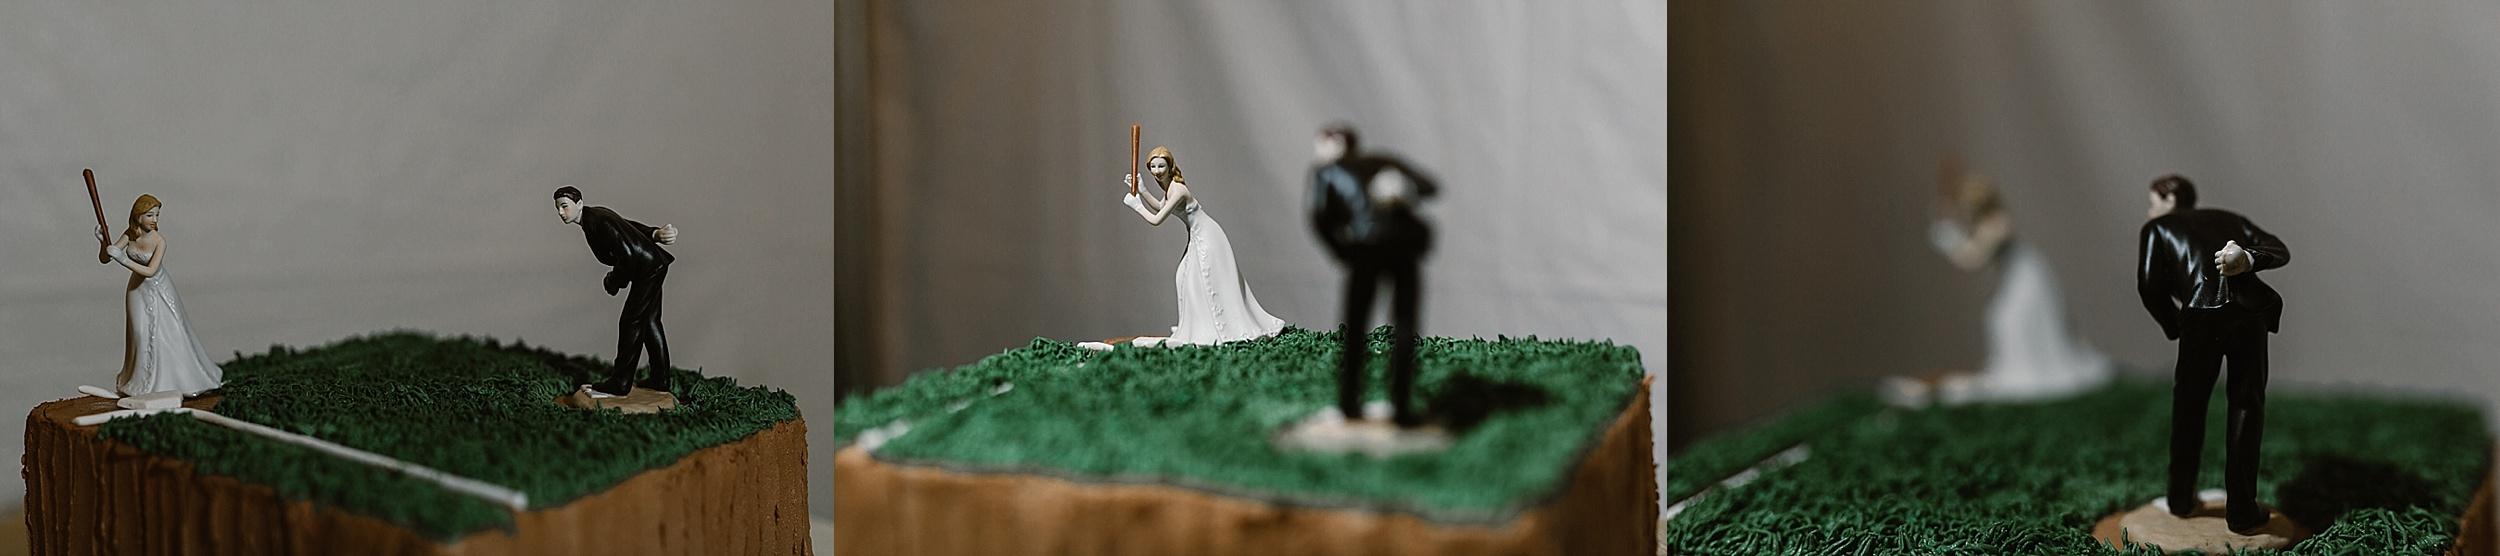 knoxville-wedding-cake-2